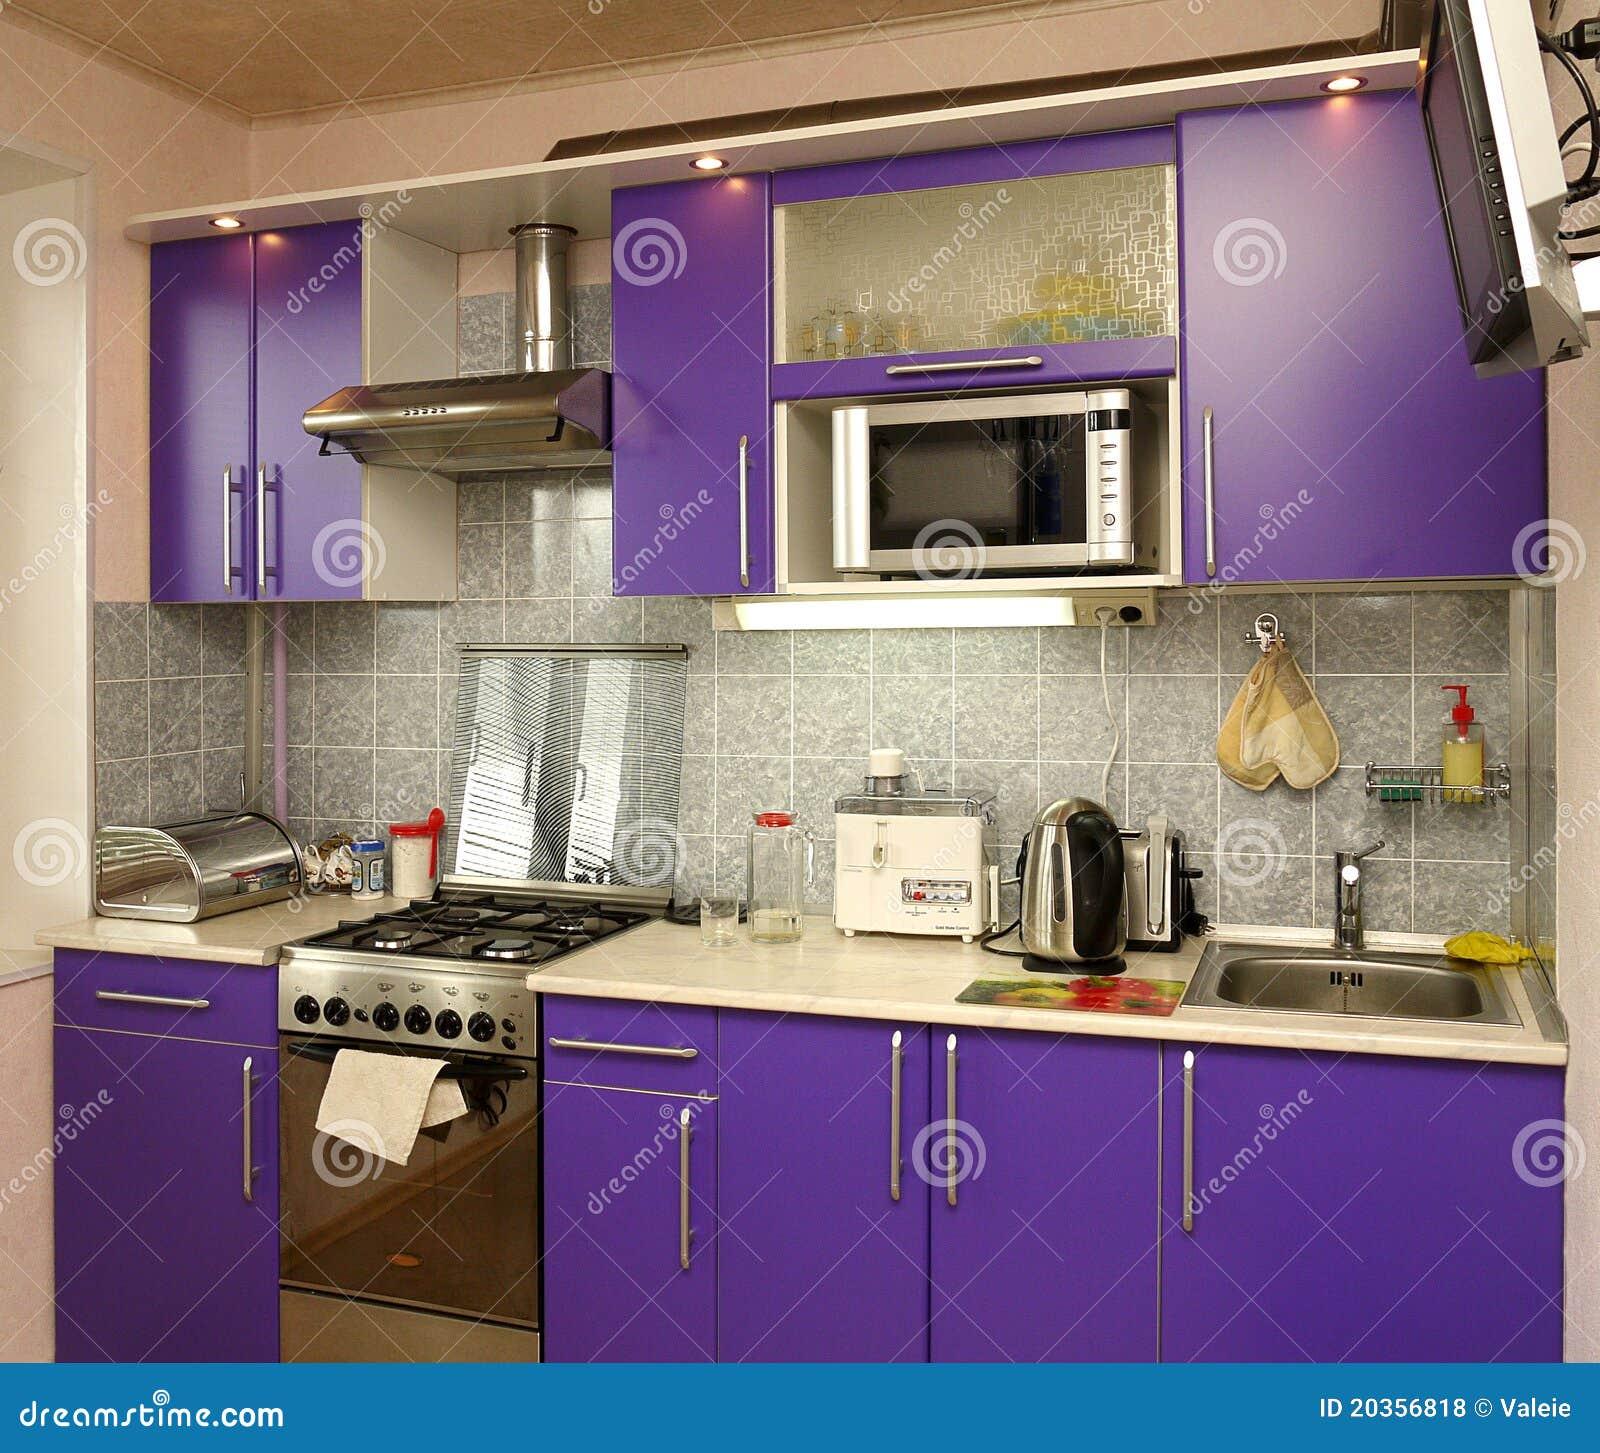 Aparatos electrodom sticos en cocina moderna fotos de for Aparatos de cocina